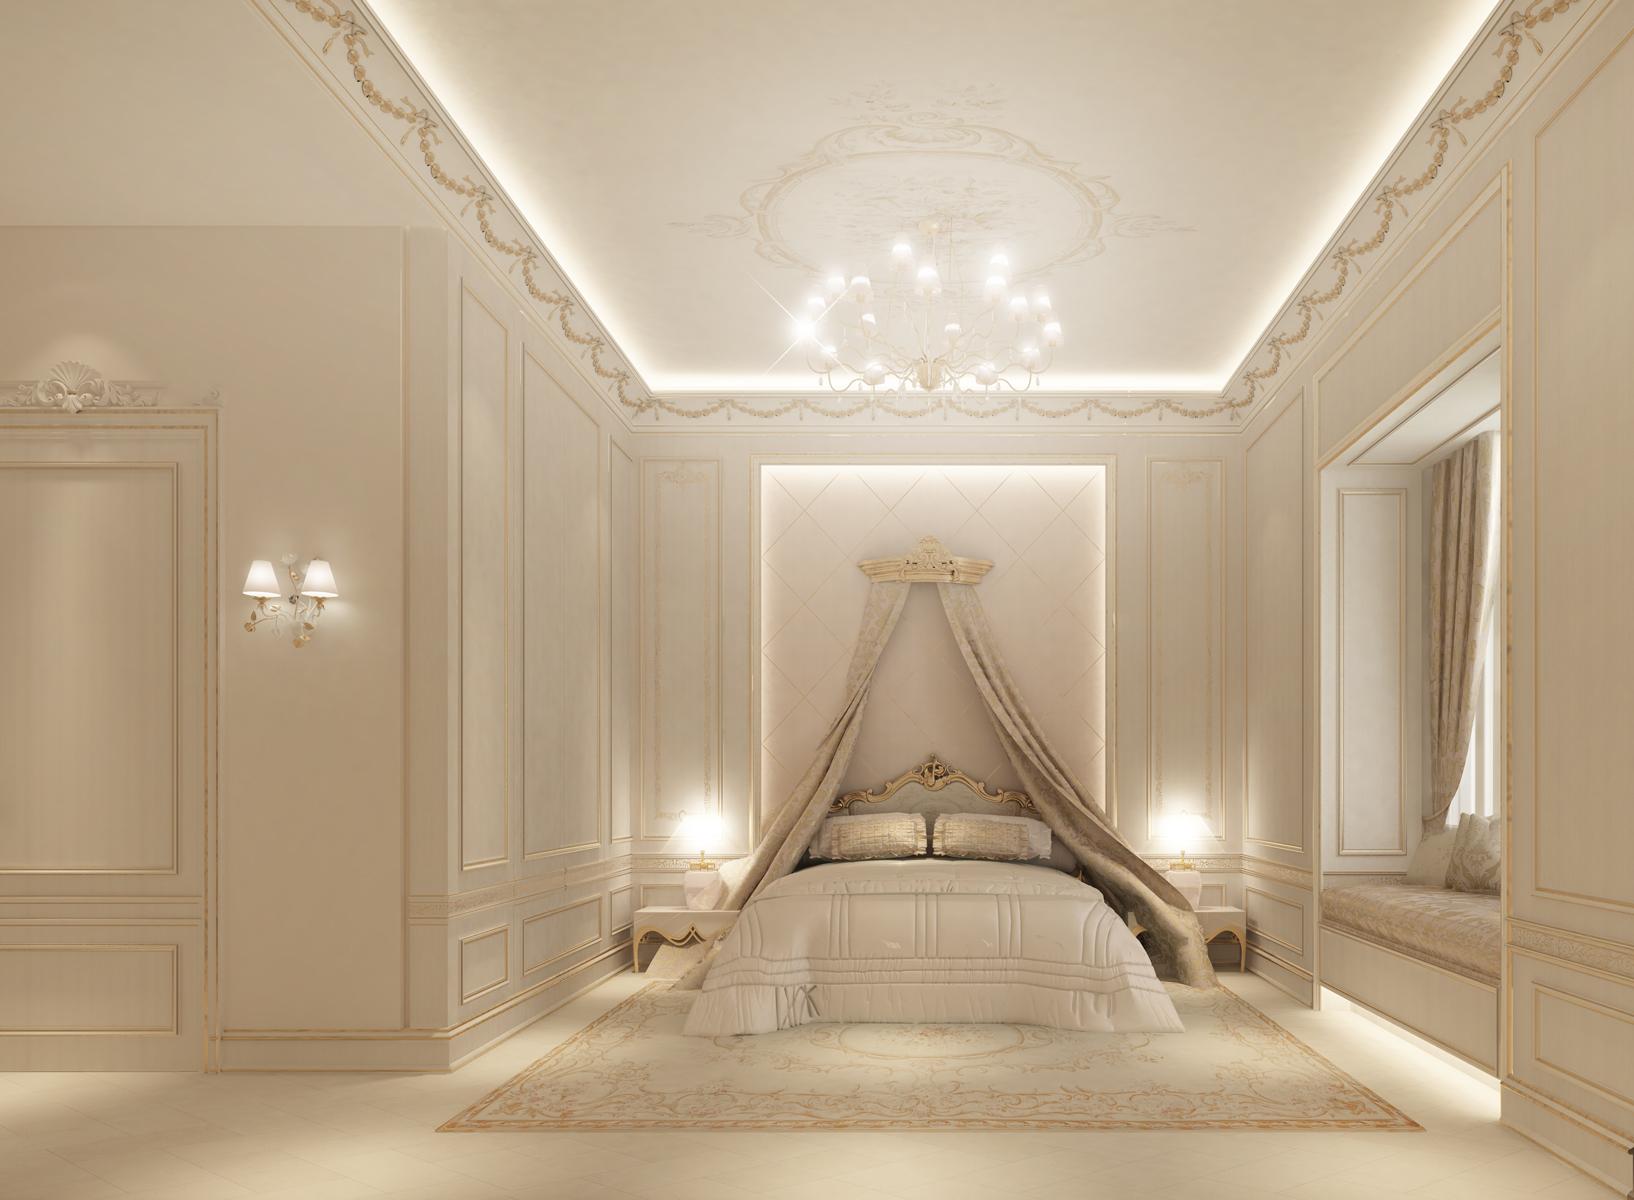 Luxe Bedroom Interioign  - Dubai-UAE